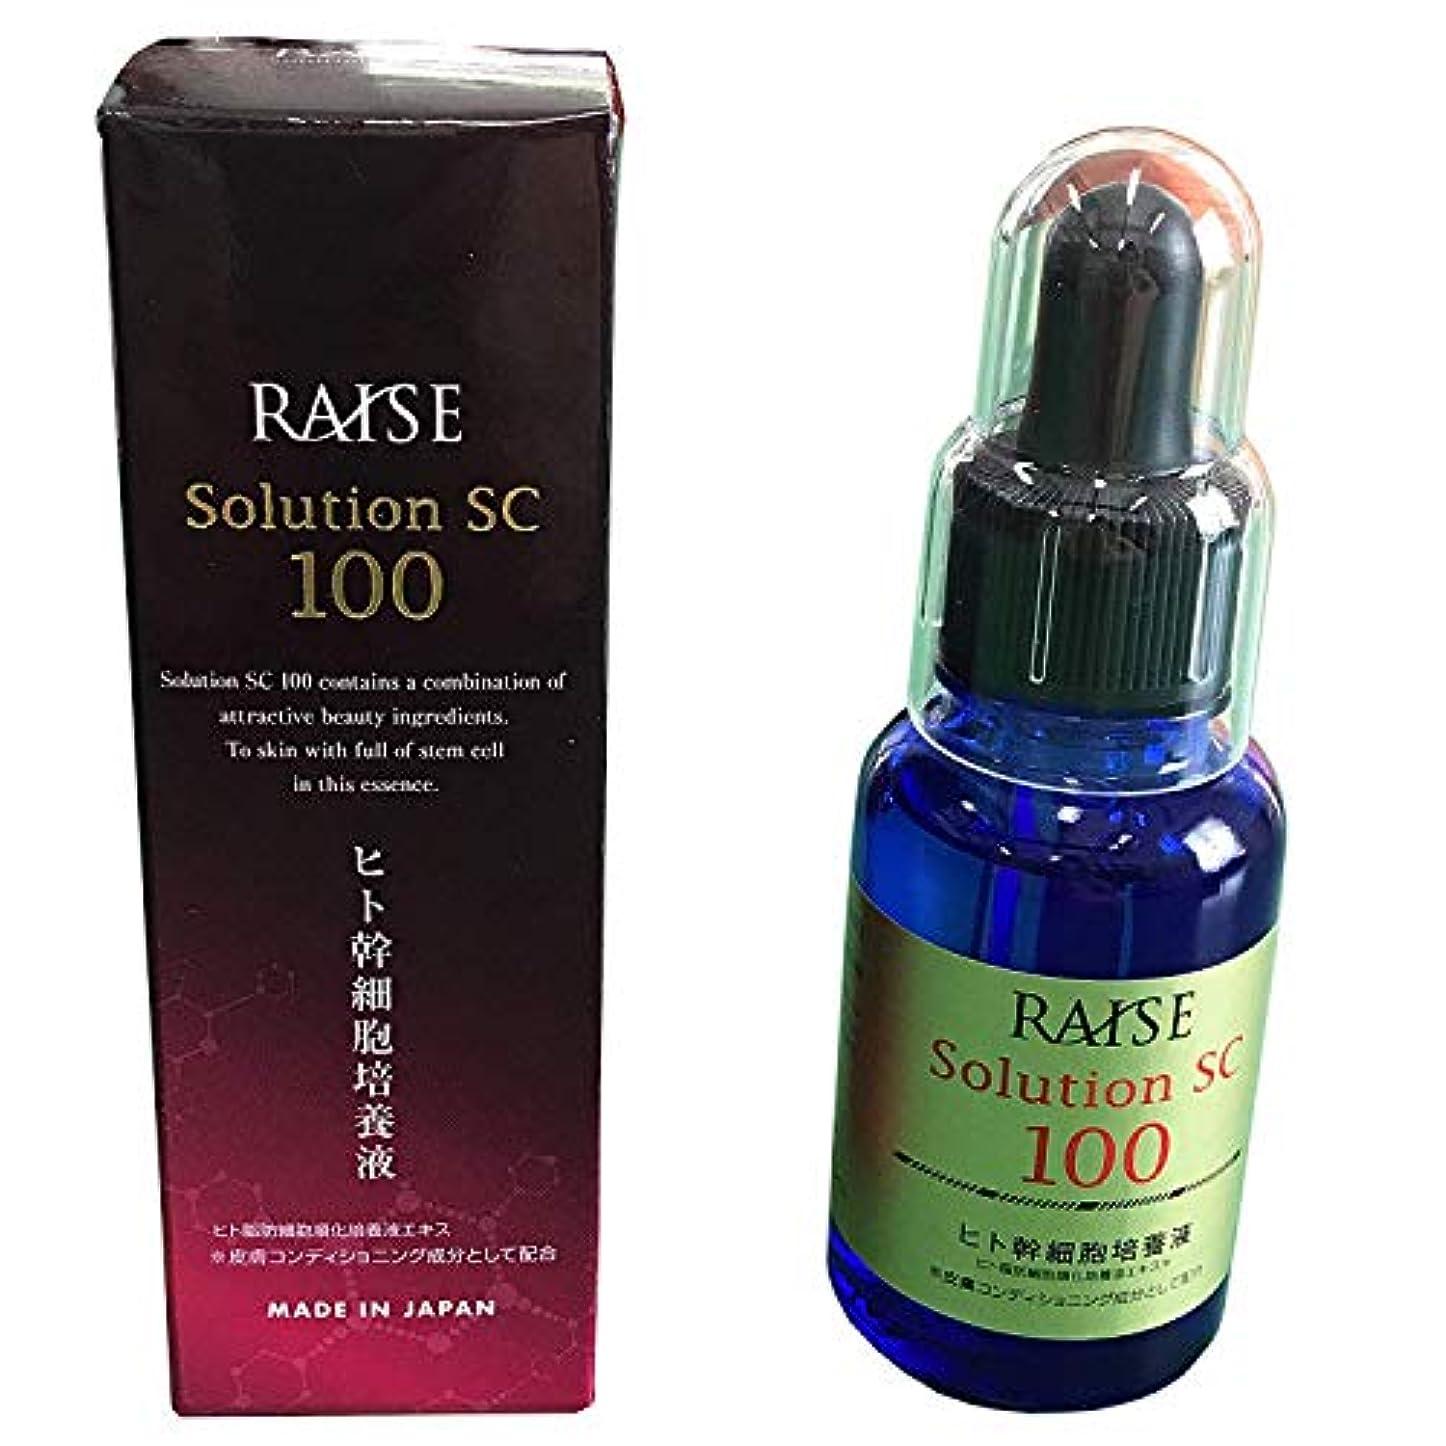 ピューどうやら恐怖RAISE (レイズ) ソリューション SC100 ヒト幹細胞 + 活性型 FGF 美容液 30ml